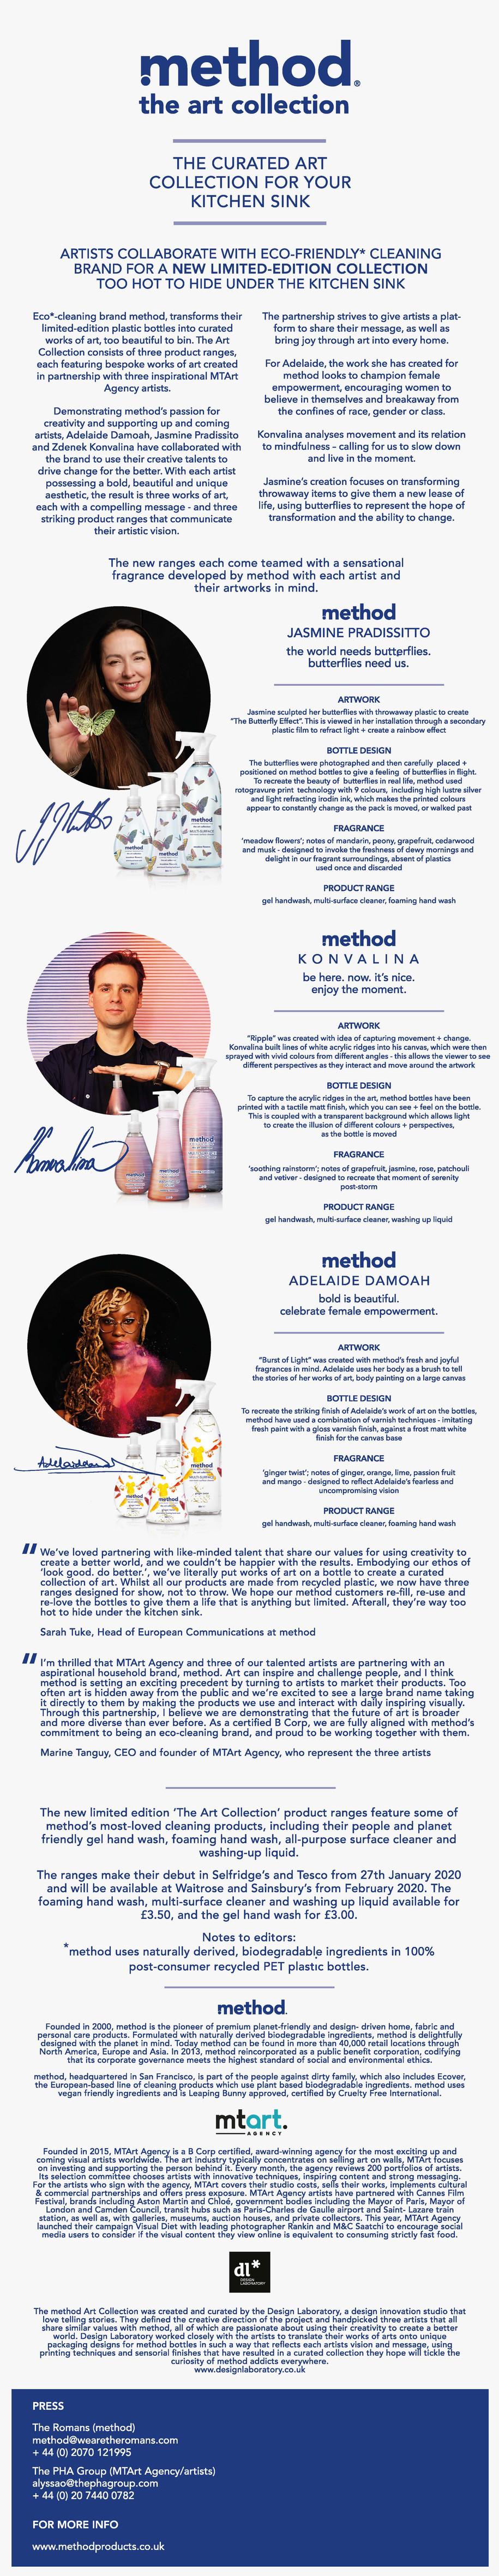 Adelaide Damoah, Method UK & The Design